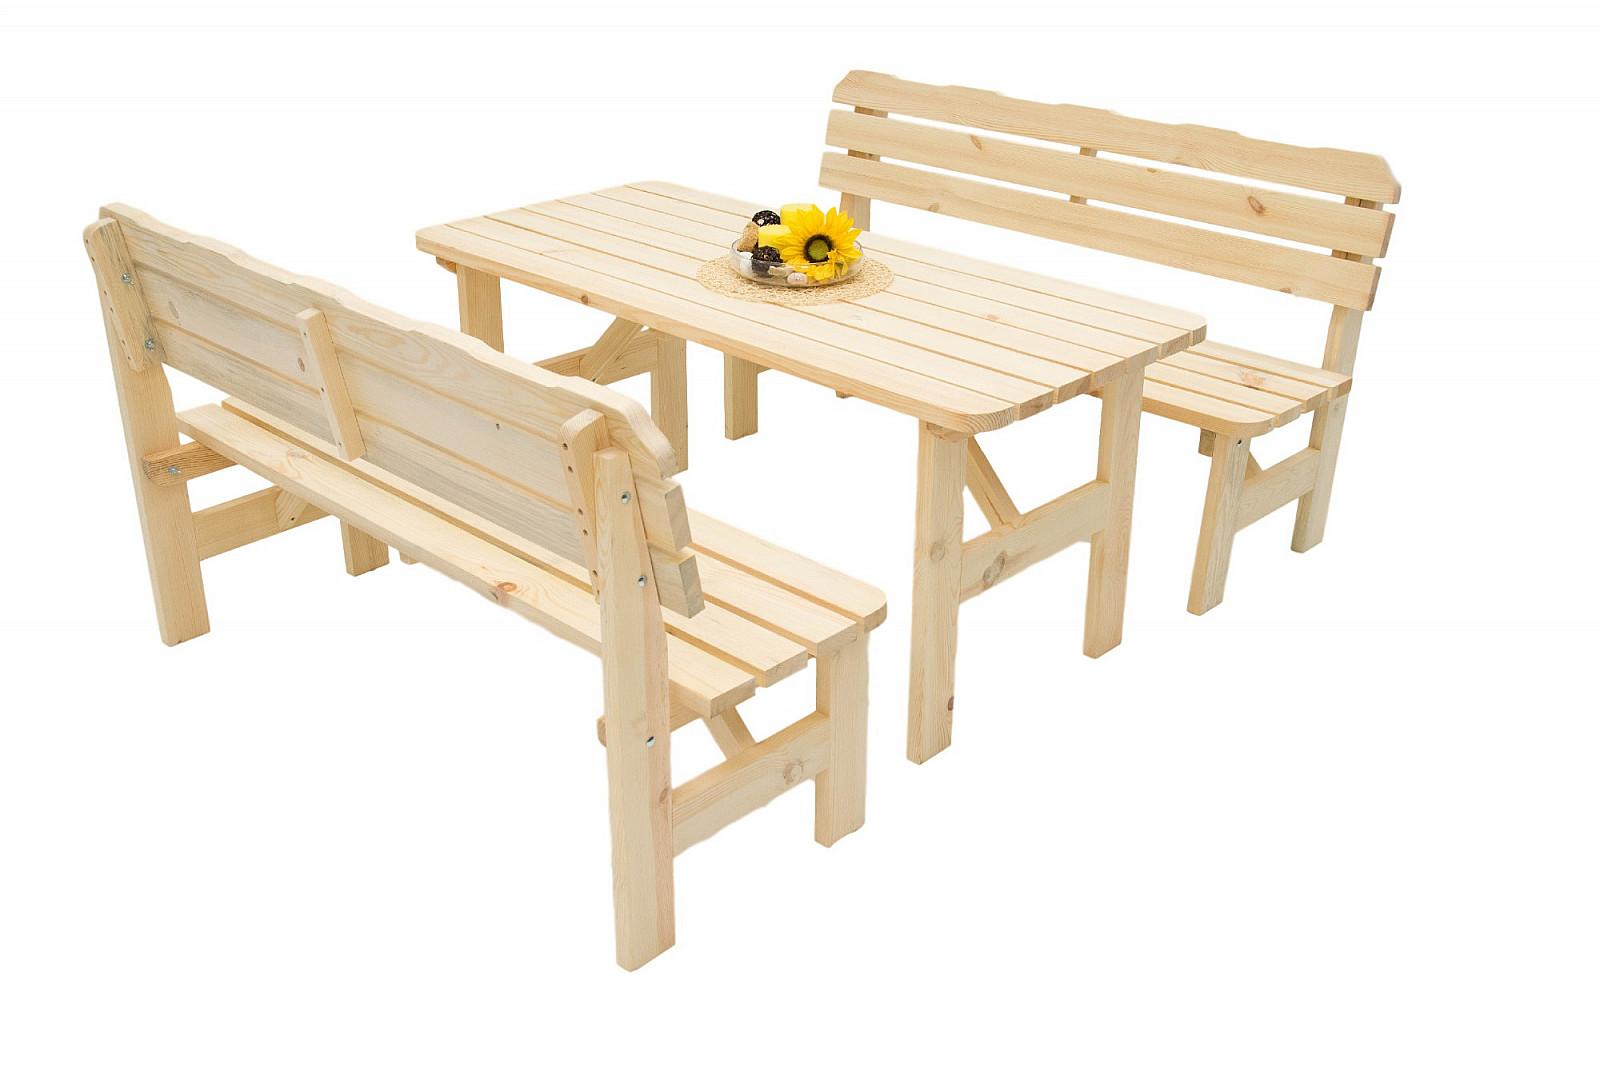 DEOKORK Masivní dřevěná zahradní sestava z borovice 1+2 dřevo 32 mm (220 cm)